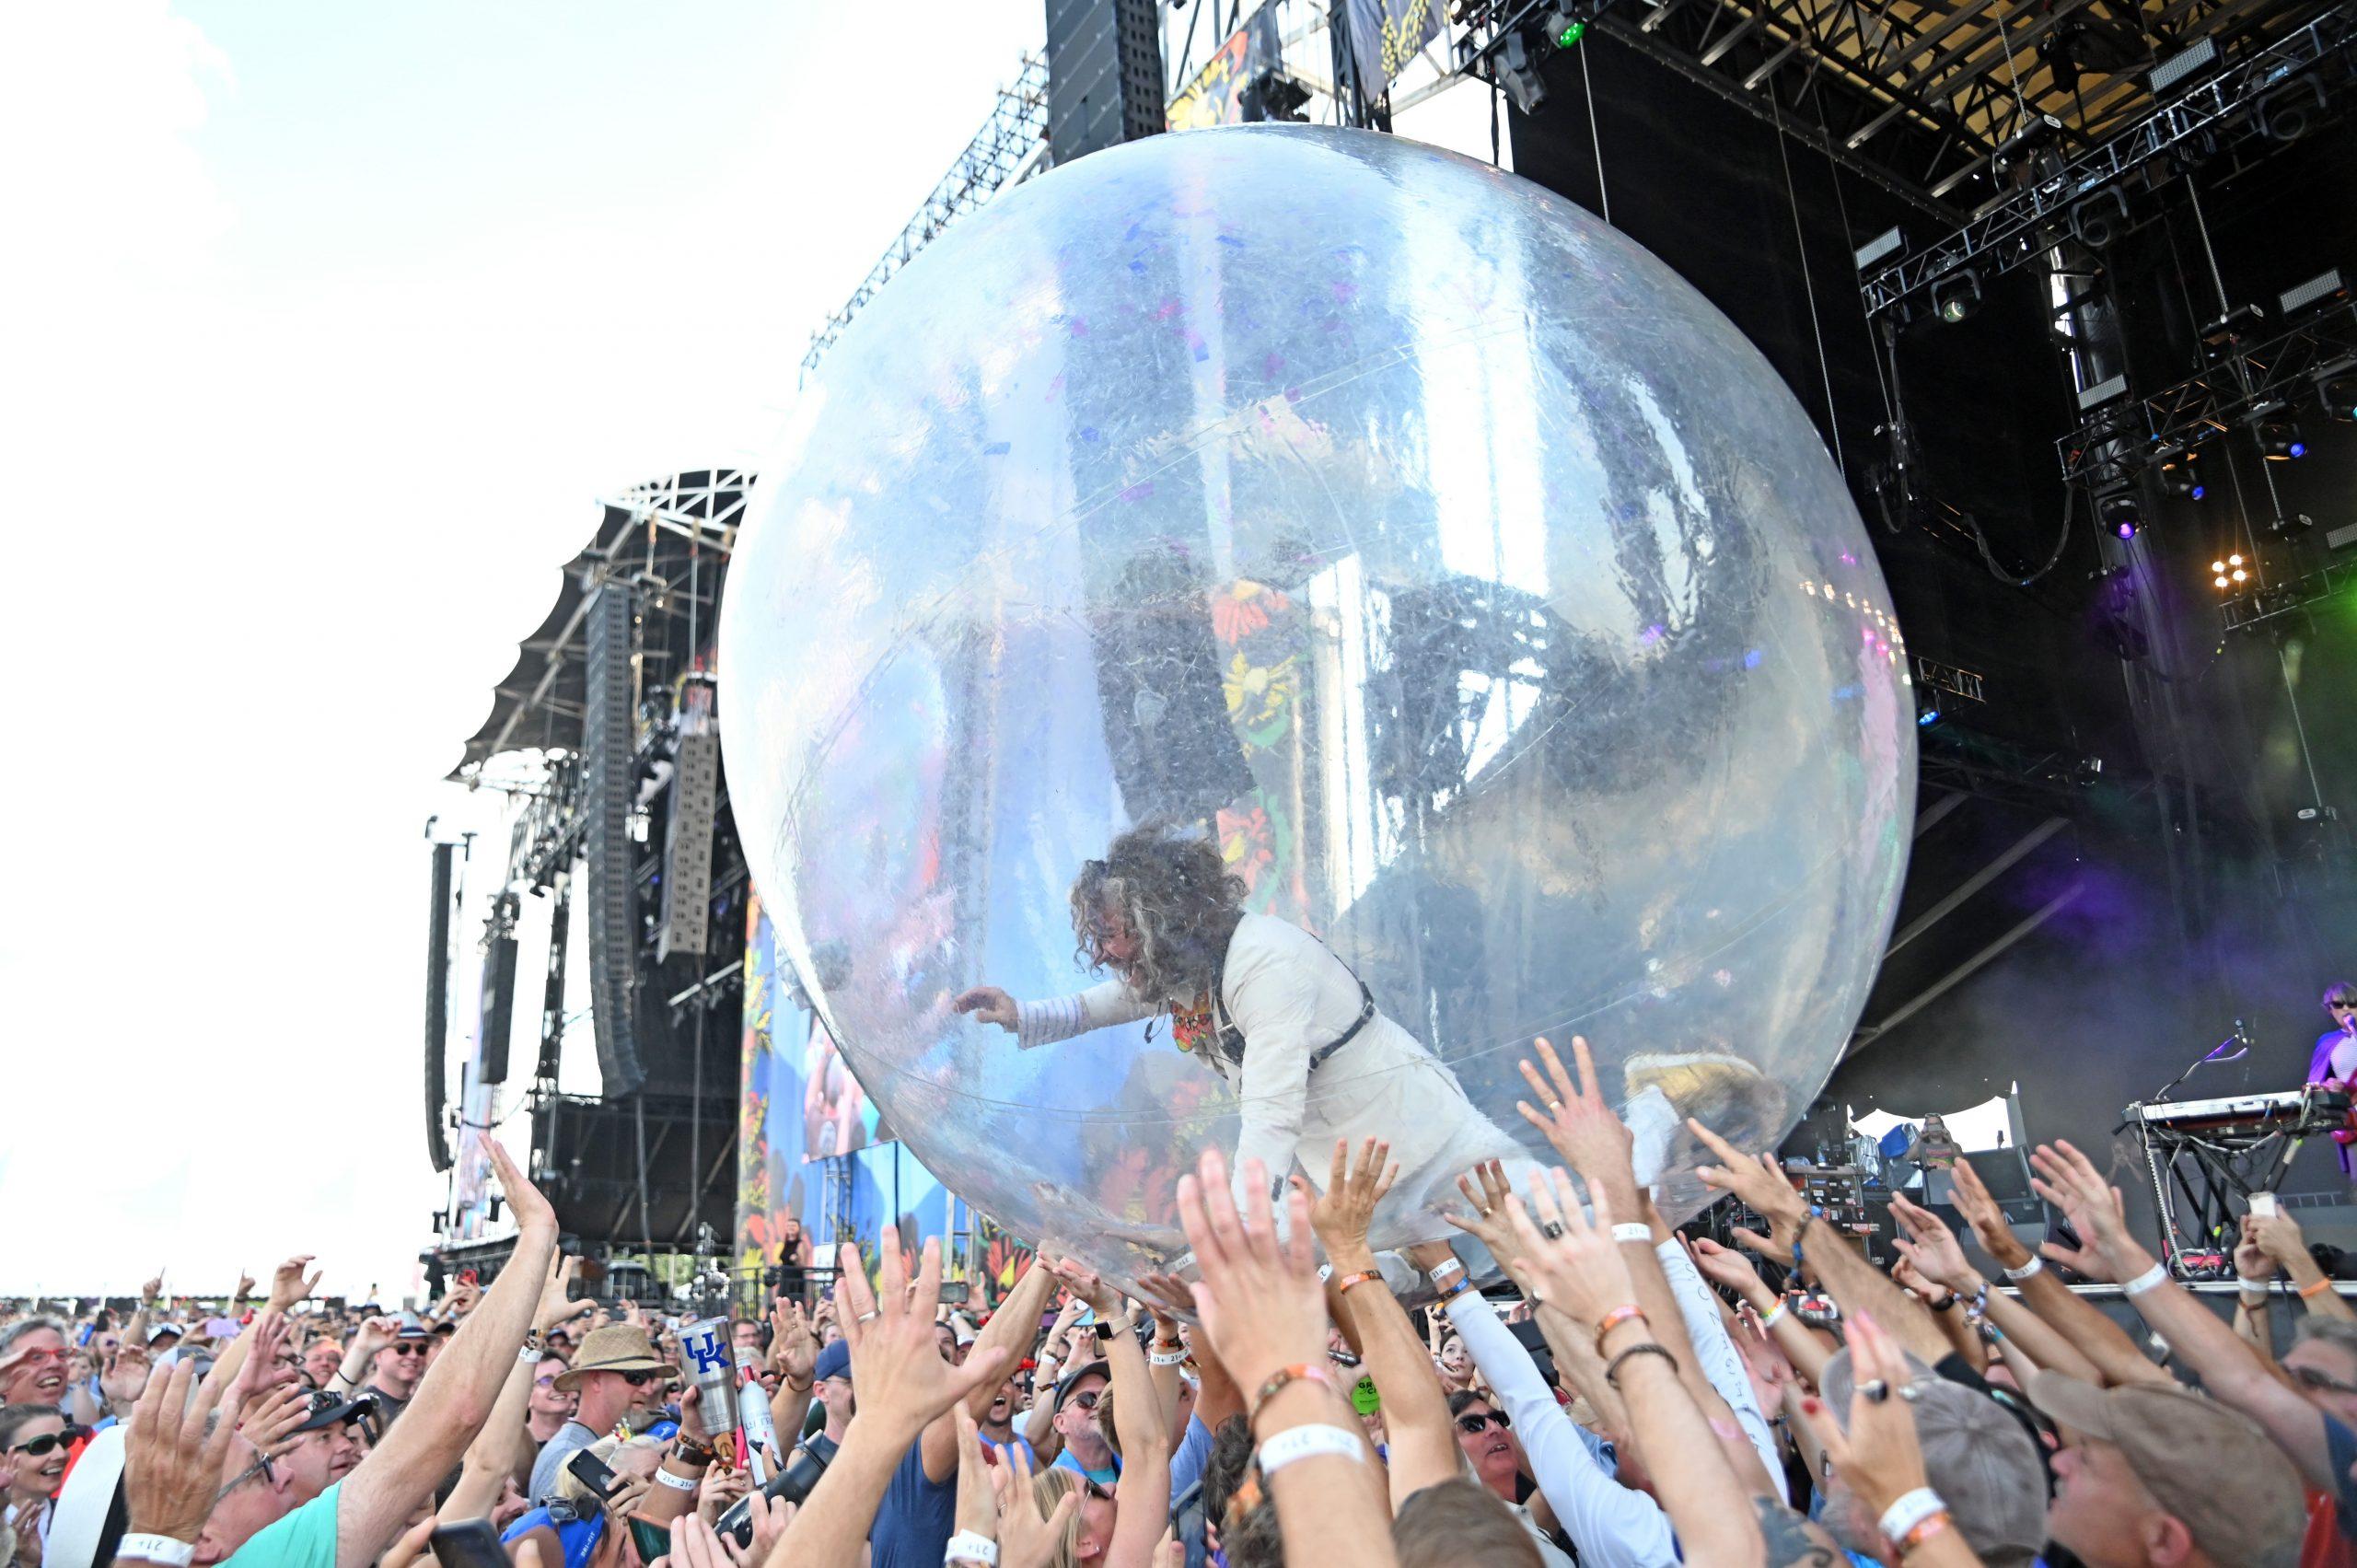 ¡Los conciertos en burbujas de plástico de The Flaming Lips ya son una realidad!